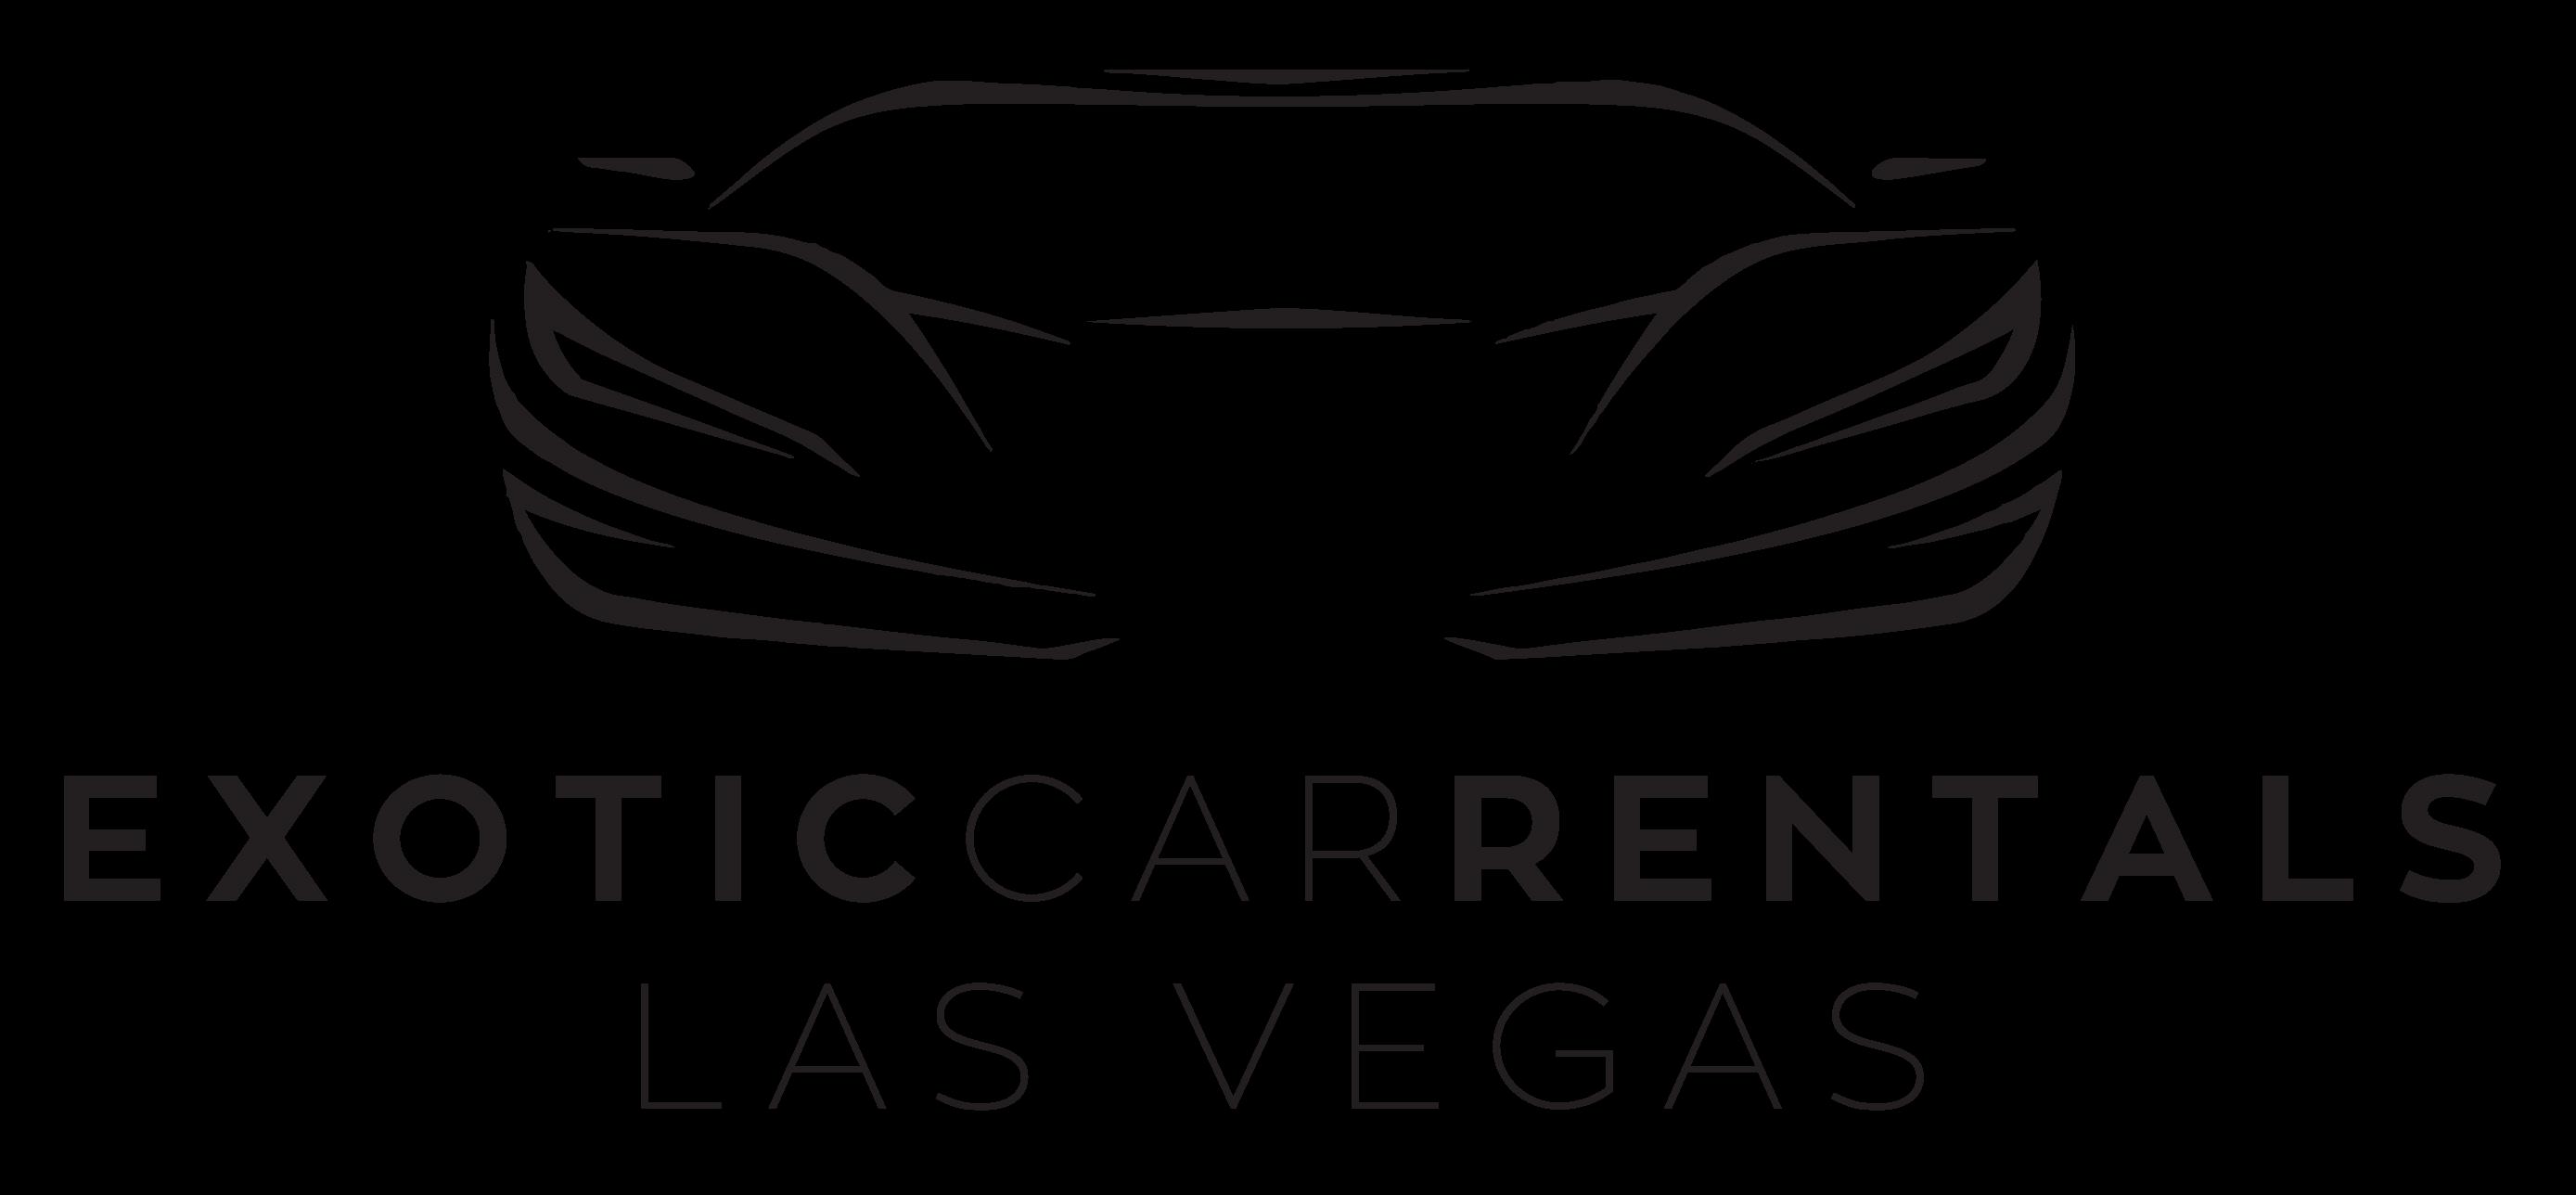 Exotic Car Rentals Las Vegas